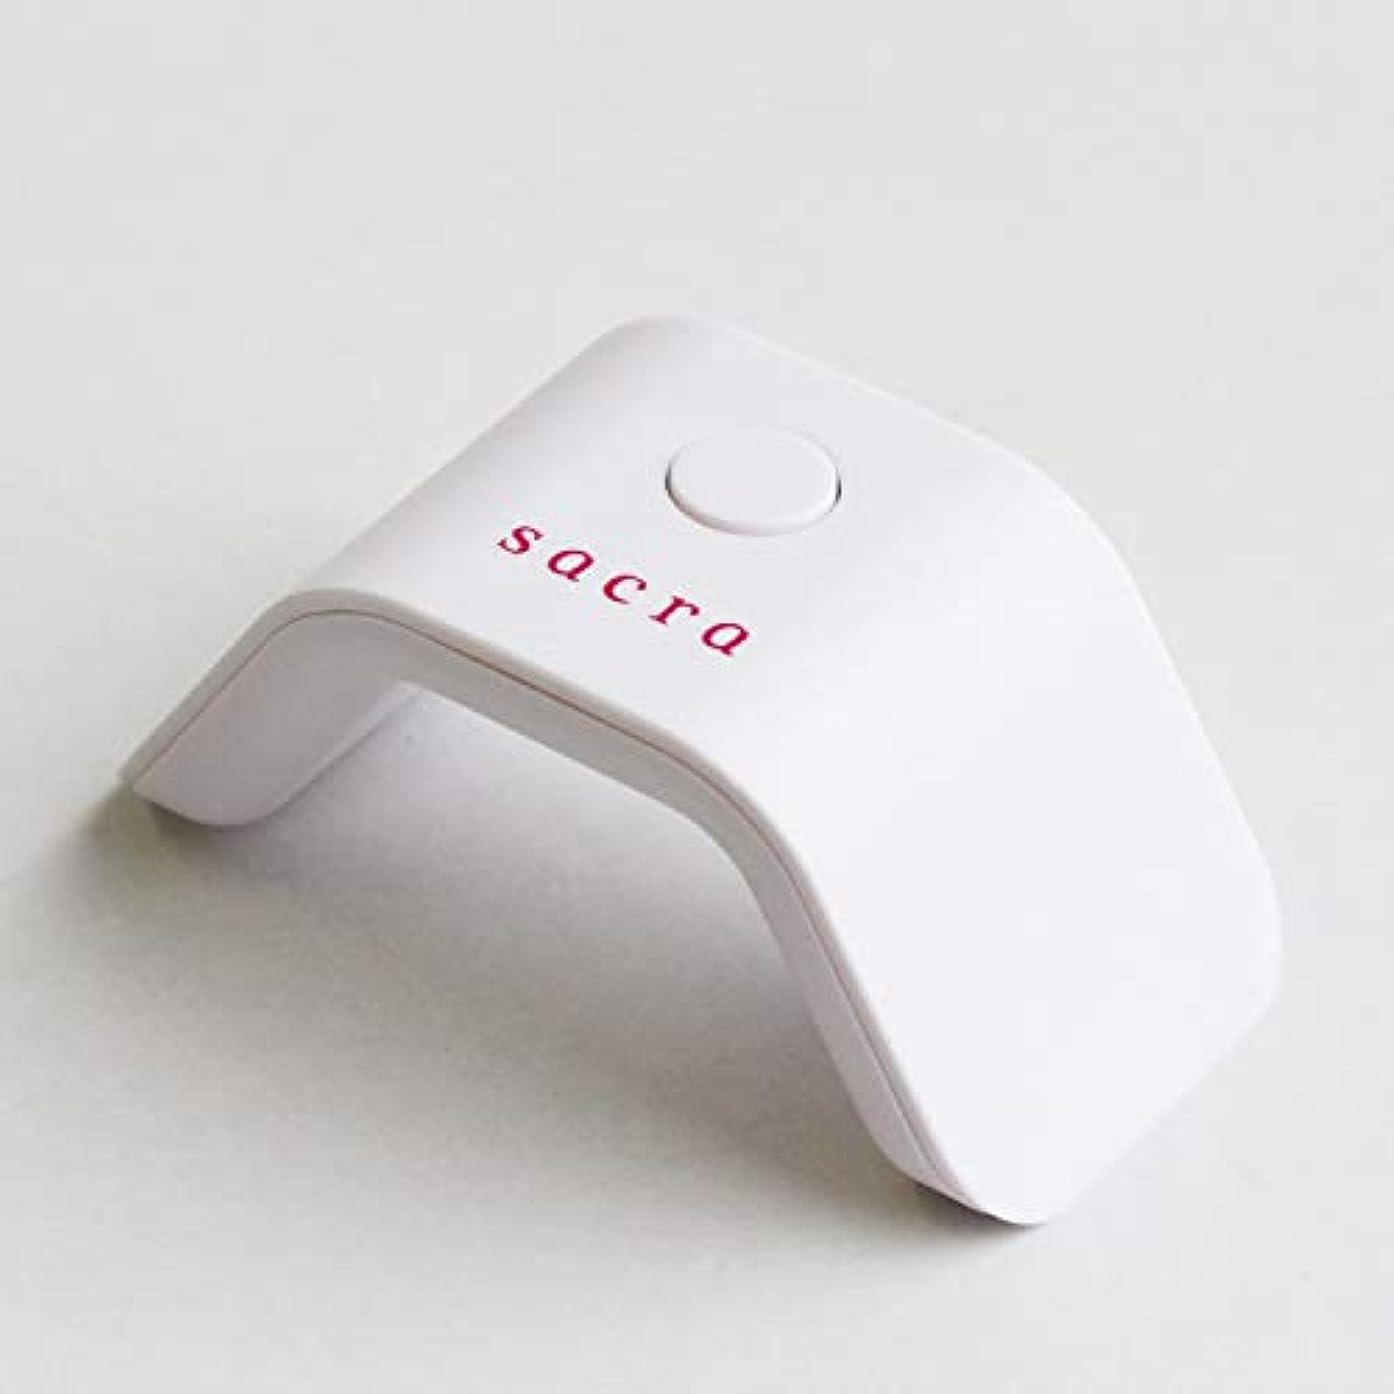 優遇水没復活させるsacra(サクラ) sacra mini LED LIGHT (WHITE) ホワイト